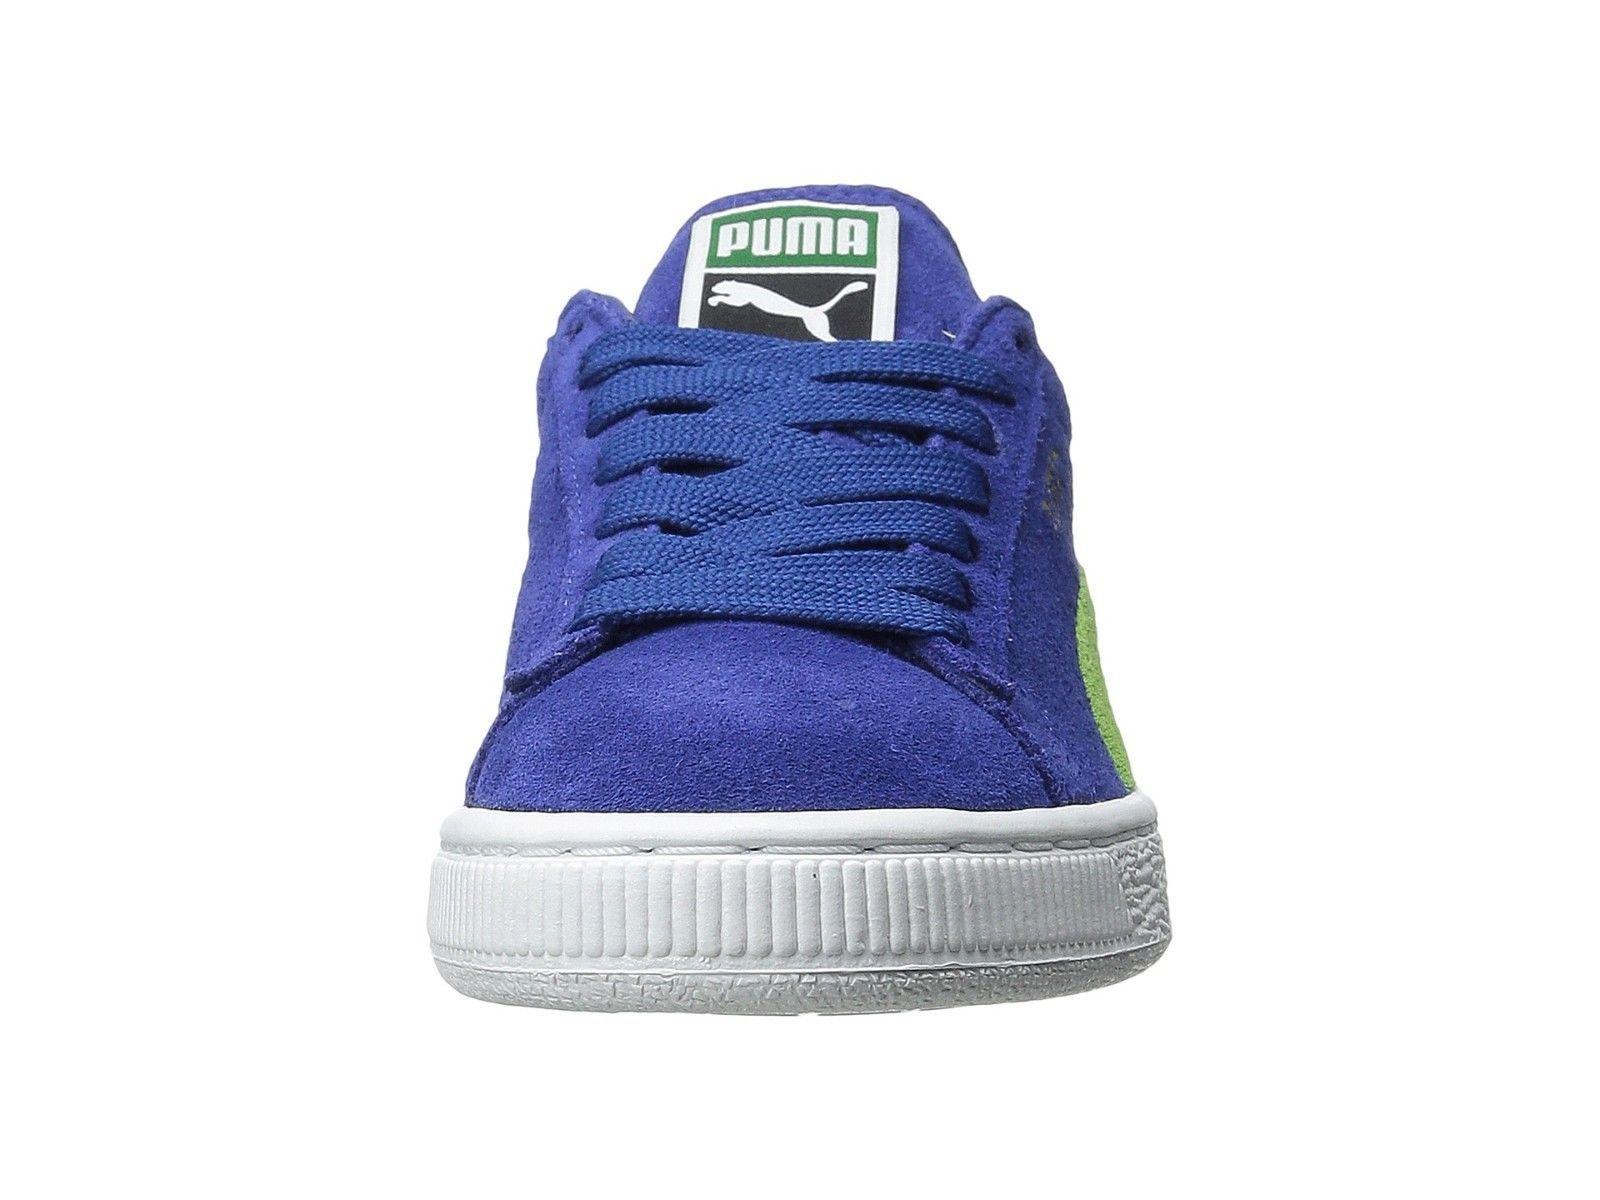 4552a216818 ... Men s PUMA Suede Classic+ Shoes